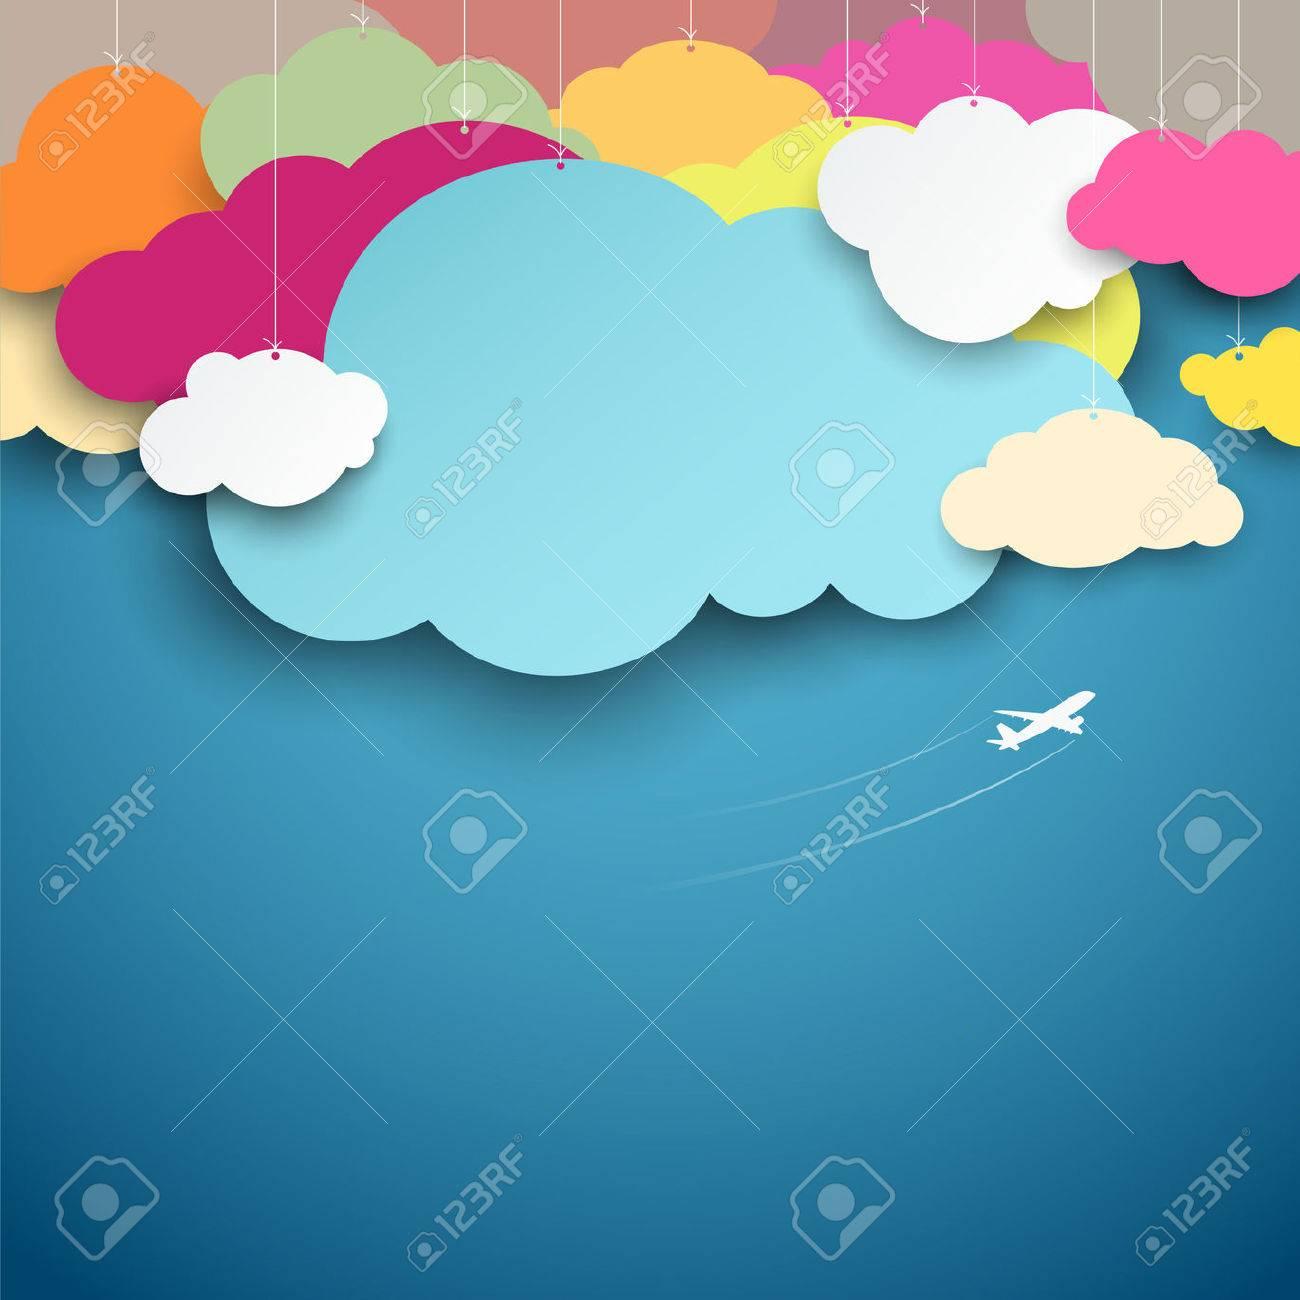 colorful paper cut clouds